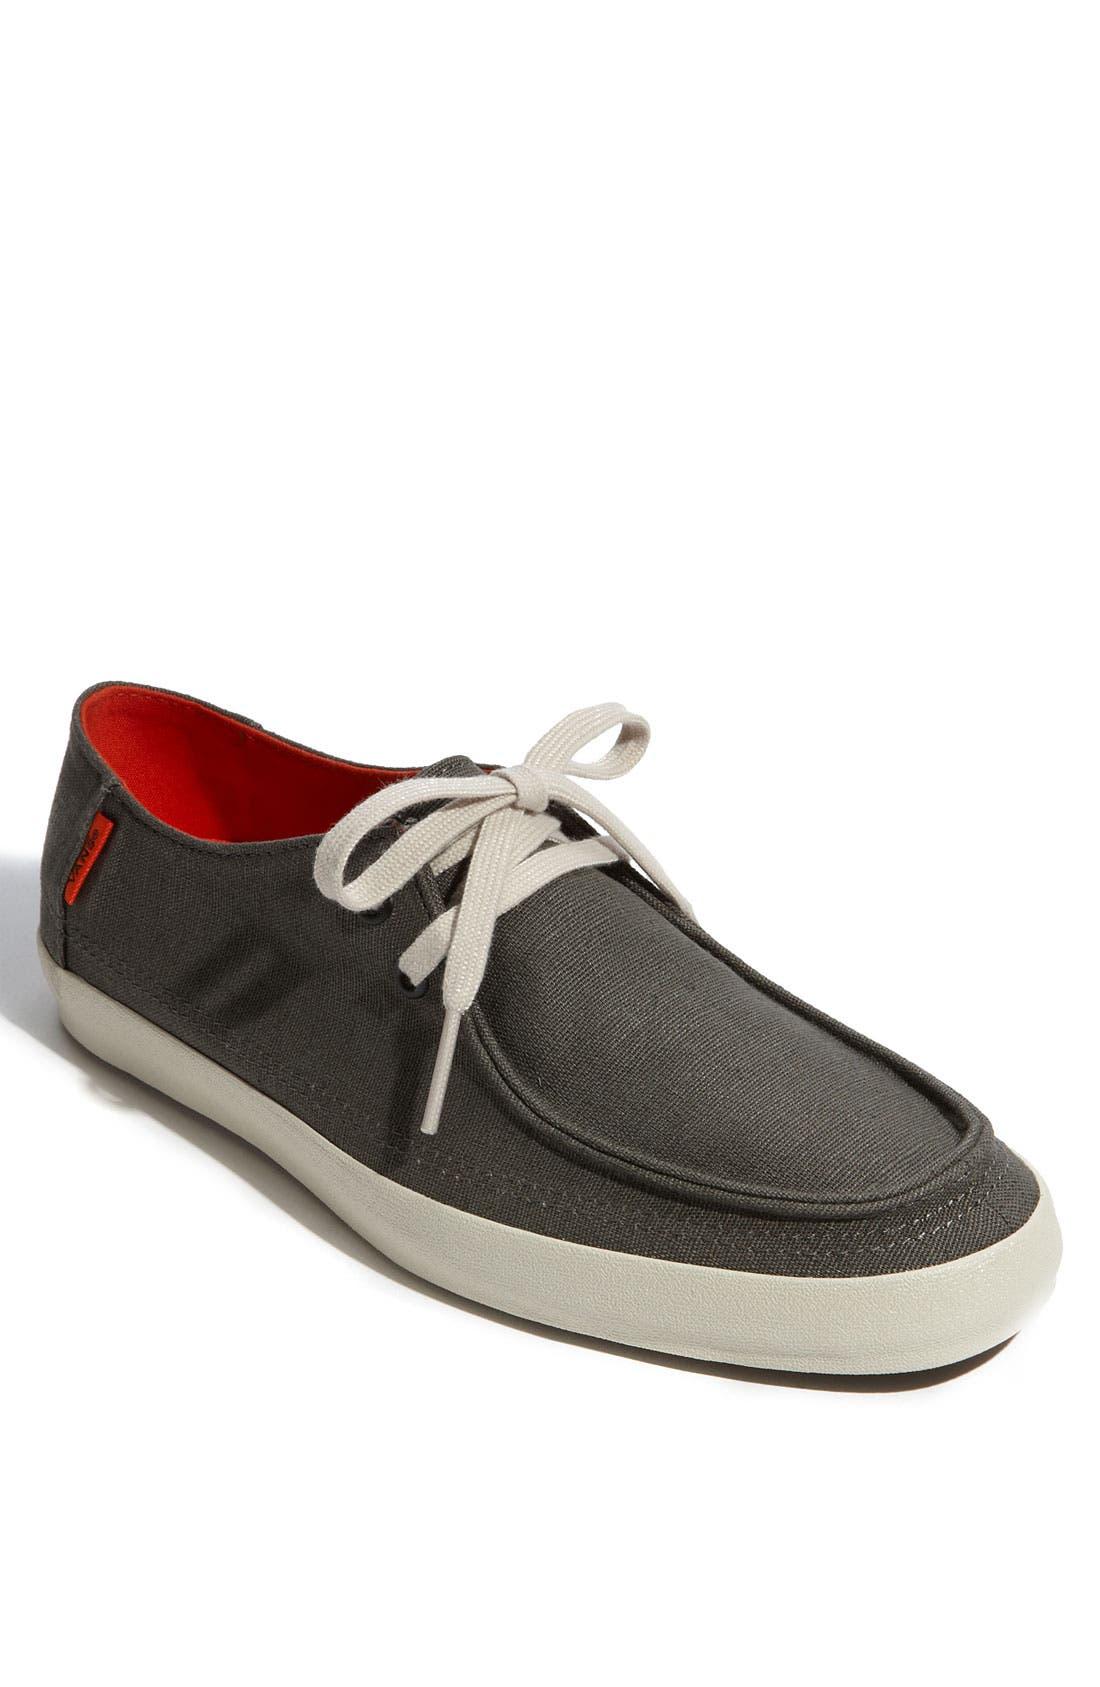 Alternate Image 1 Selected - Vans 'Rata Vulc' Sneaker